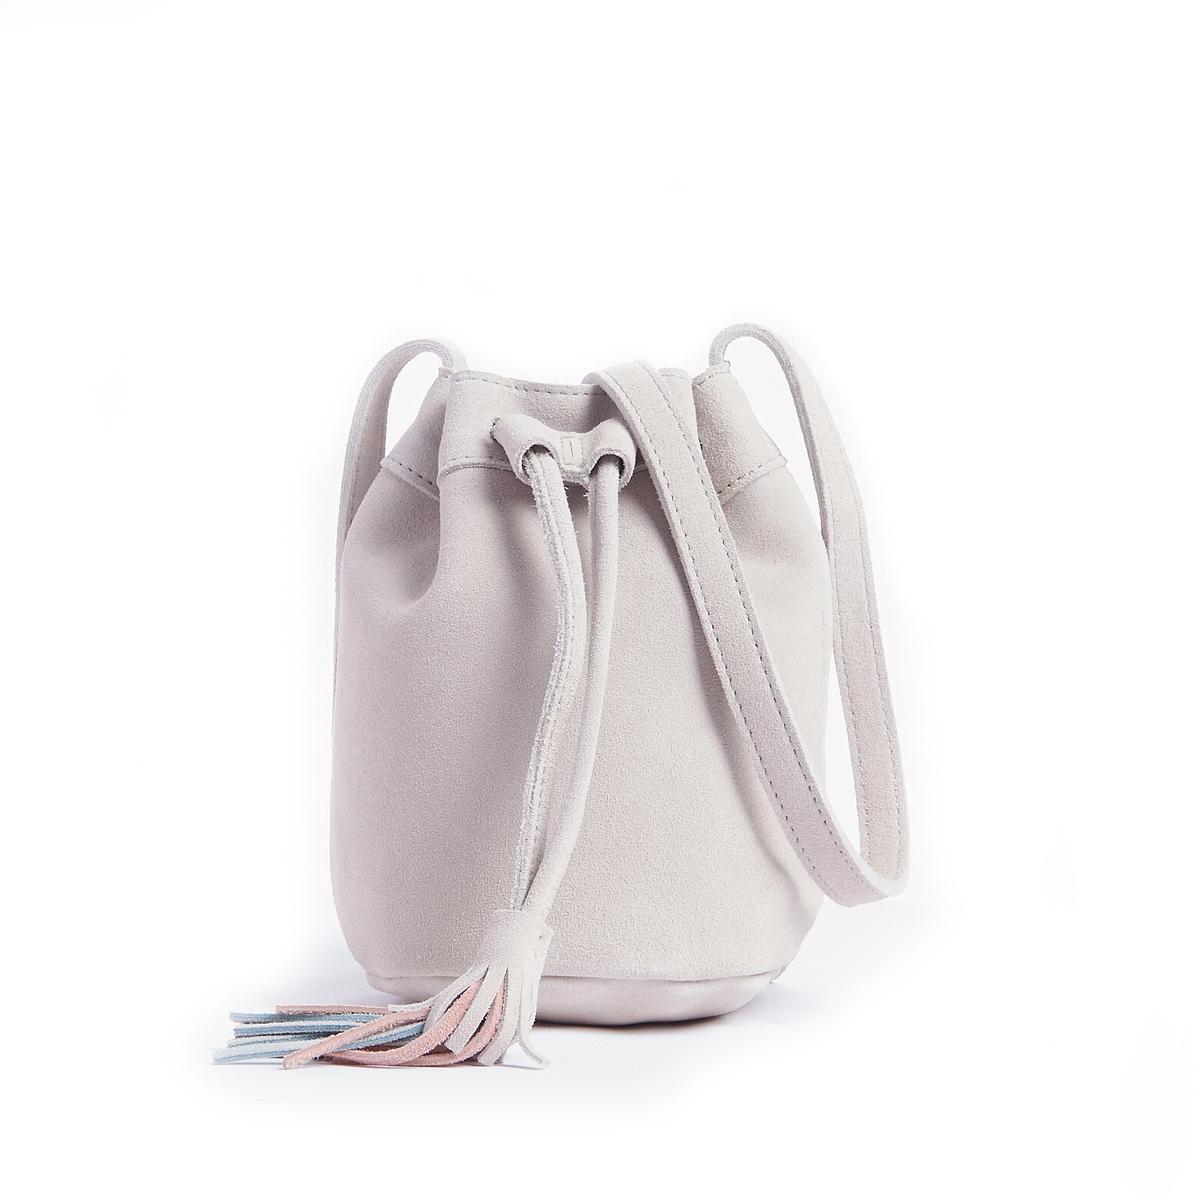 Сумка женская из невыделанной кожиСостав и описаниеМатериал: внешний из невыделанной коровьей кожи.Подкладка из полиэстера.Марка: Mademoiselle R.Размеры: диаметр 13 см - высота 18 см.Застежка:  шнурок на кулиске.1 карман на молнии.Регулируемый ремень.<br><br>Цвет: бежевый,оранжевый,синий<br>Размер: единый размер.единый размер.единый размер